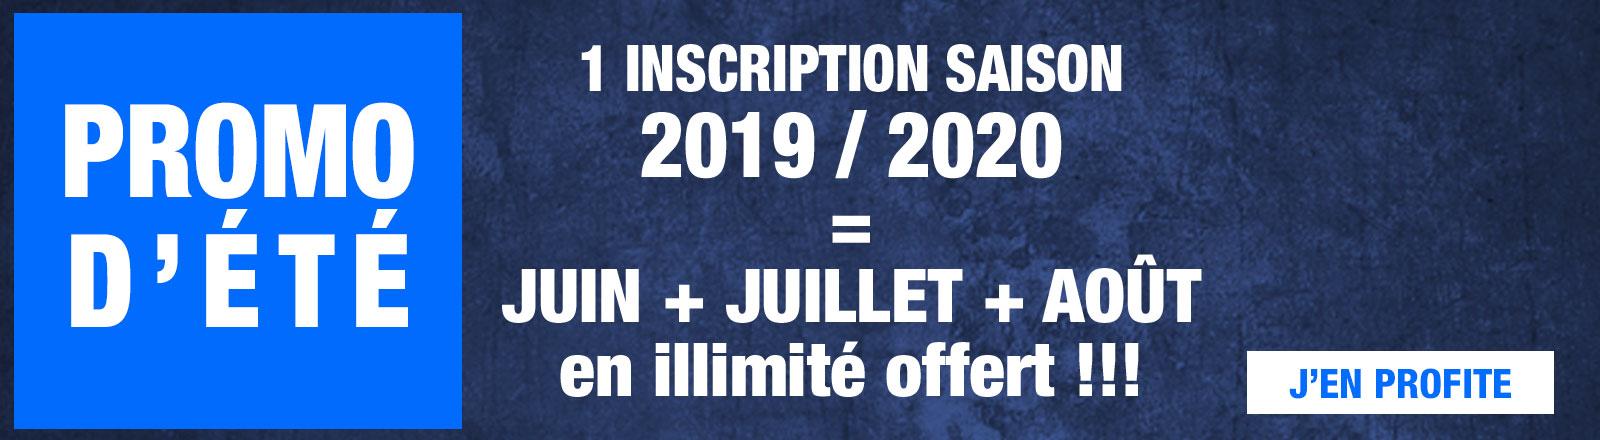 Banniere-PromoSaison2020